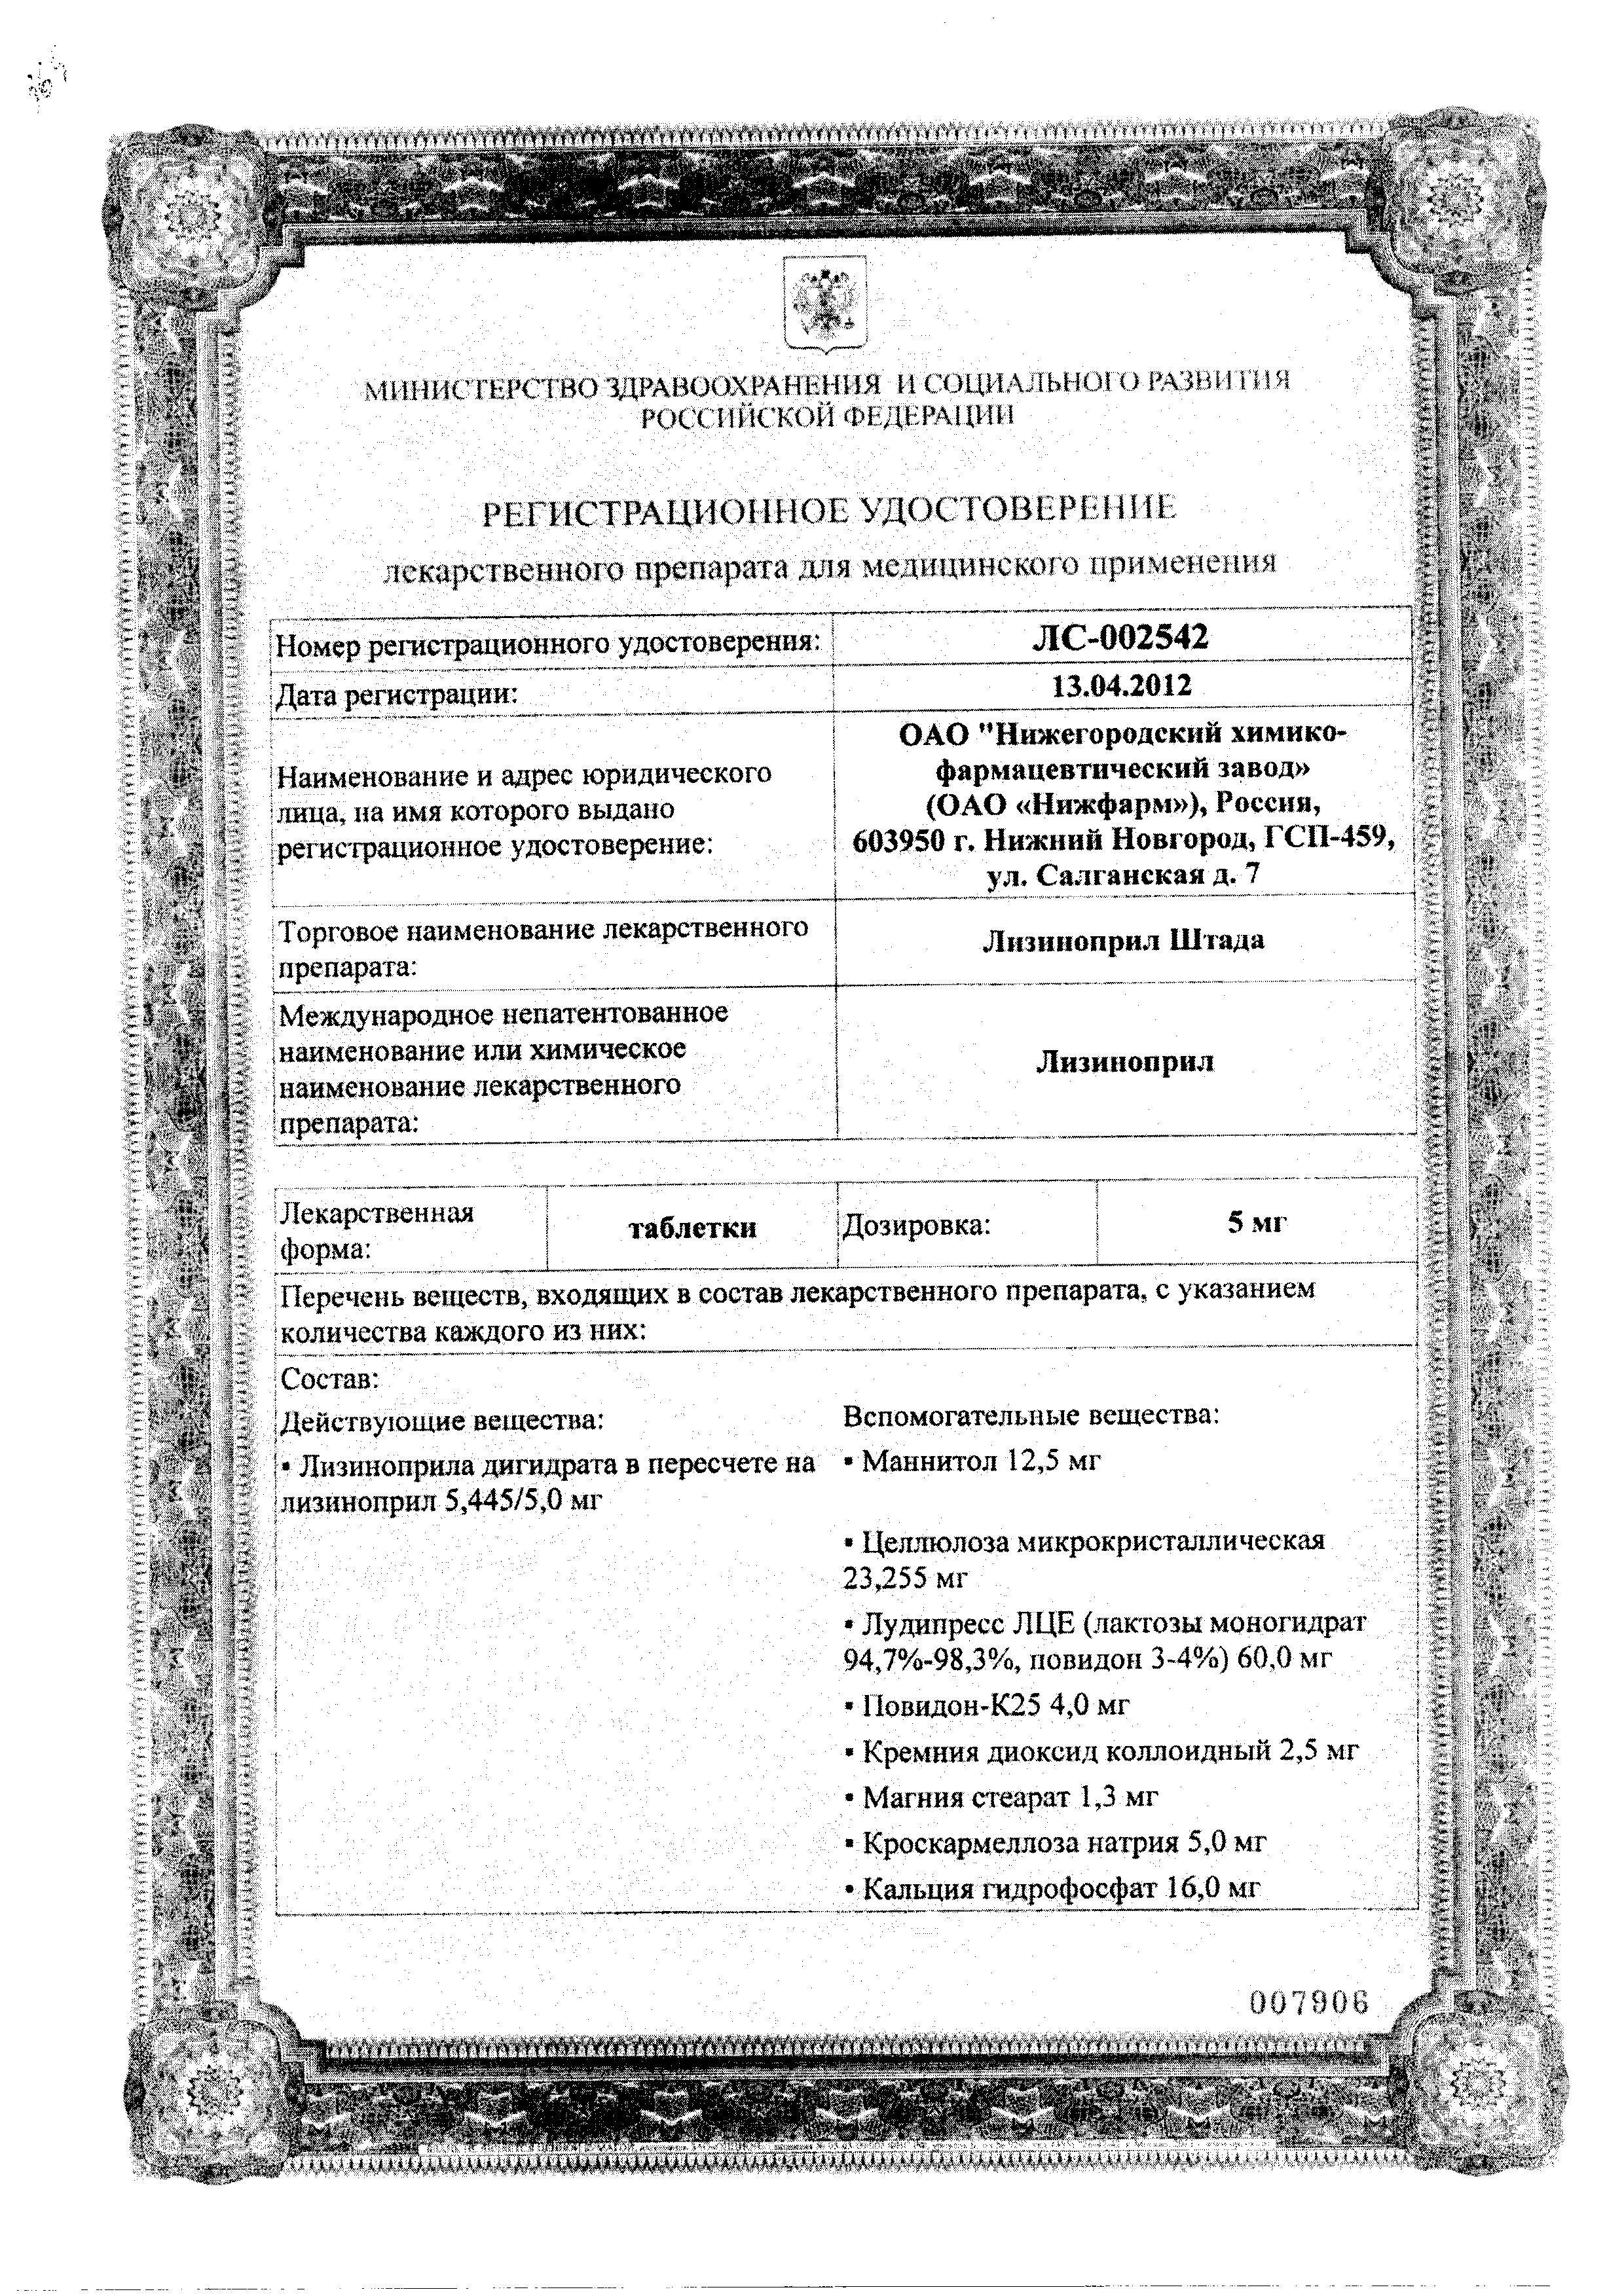 Лизиноприл Штада сертификат